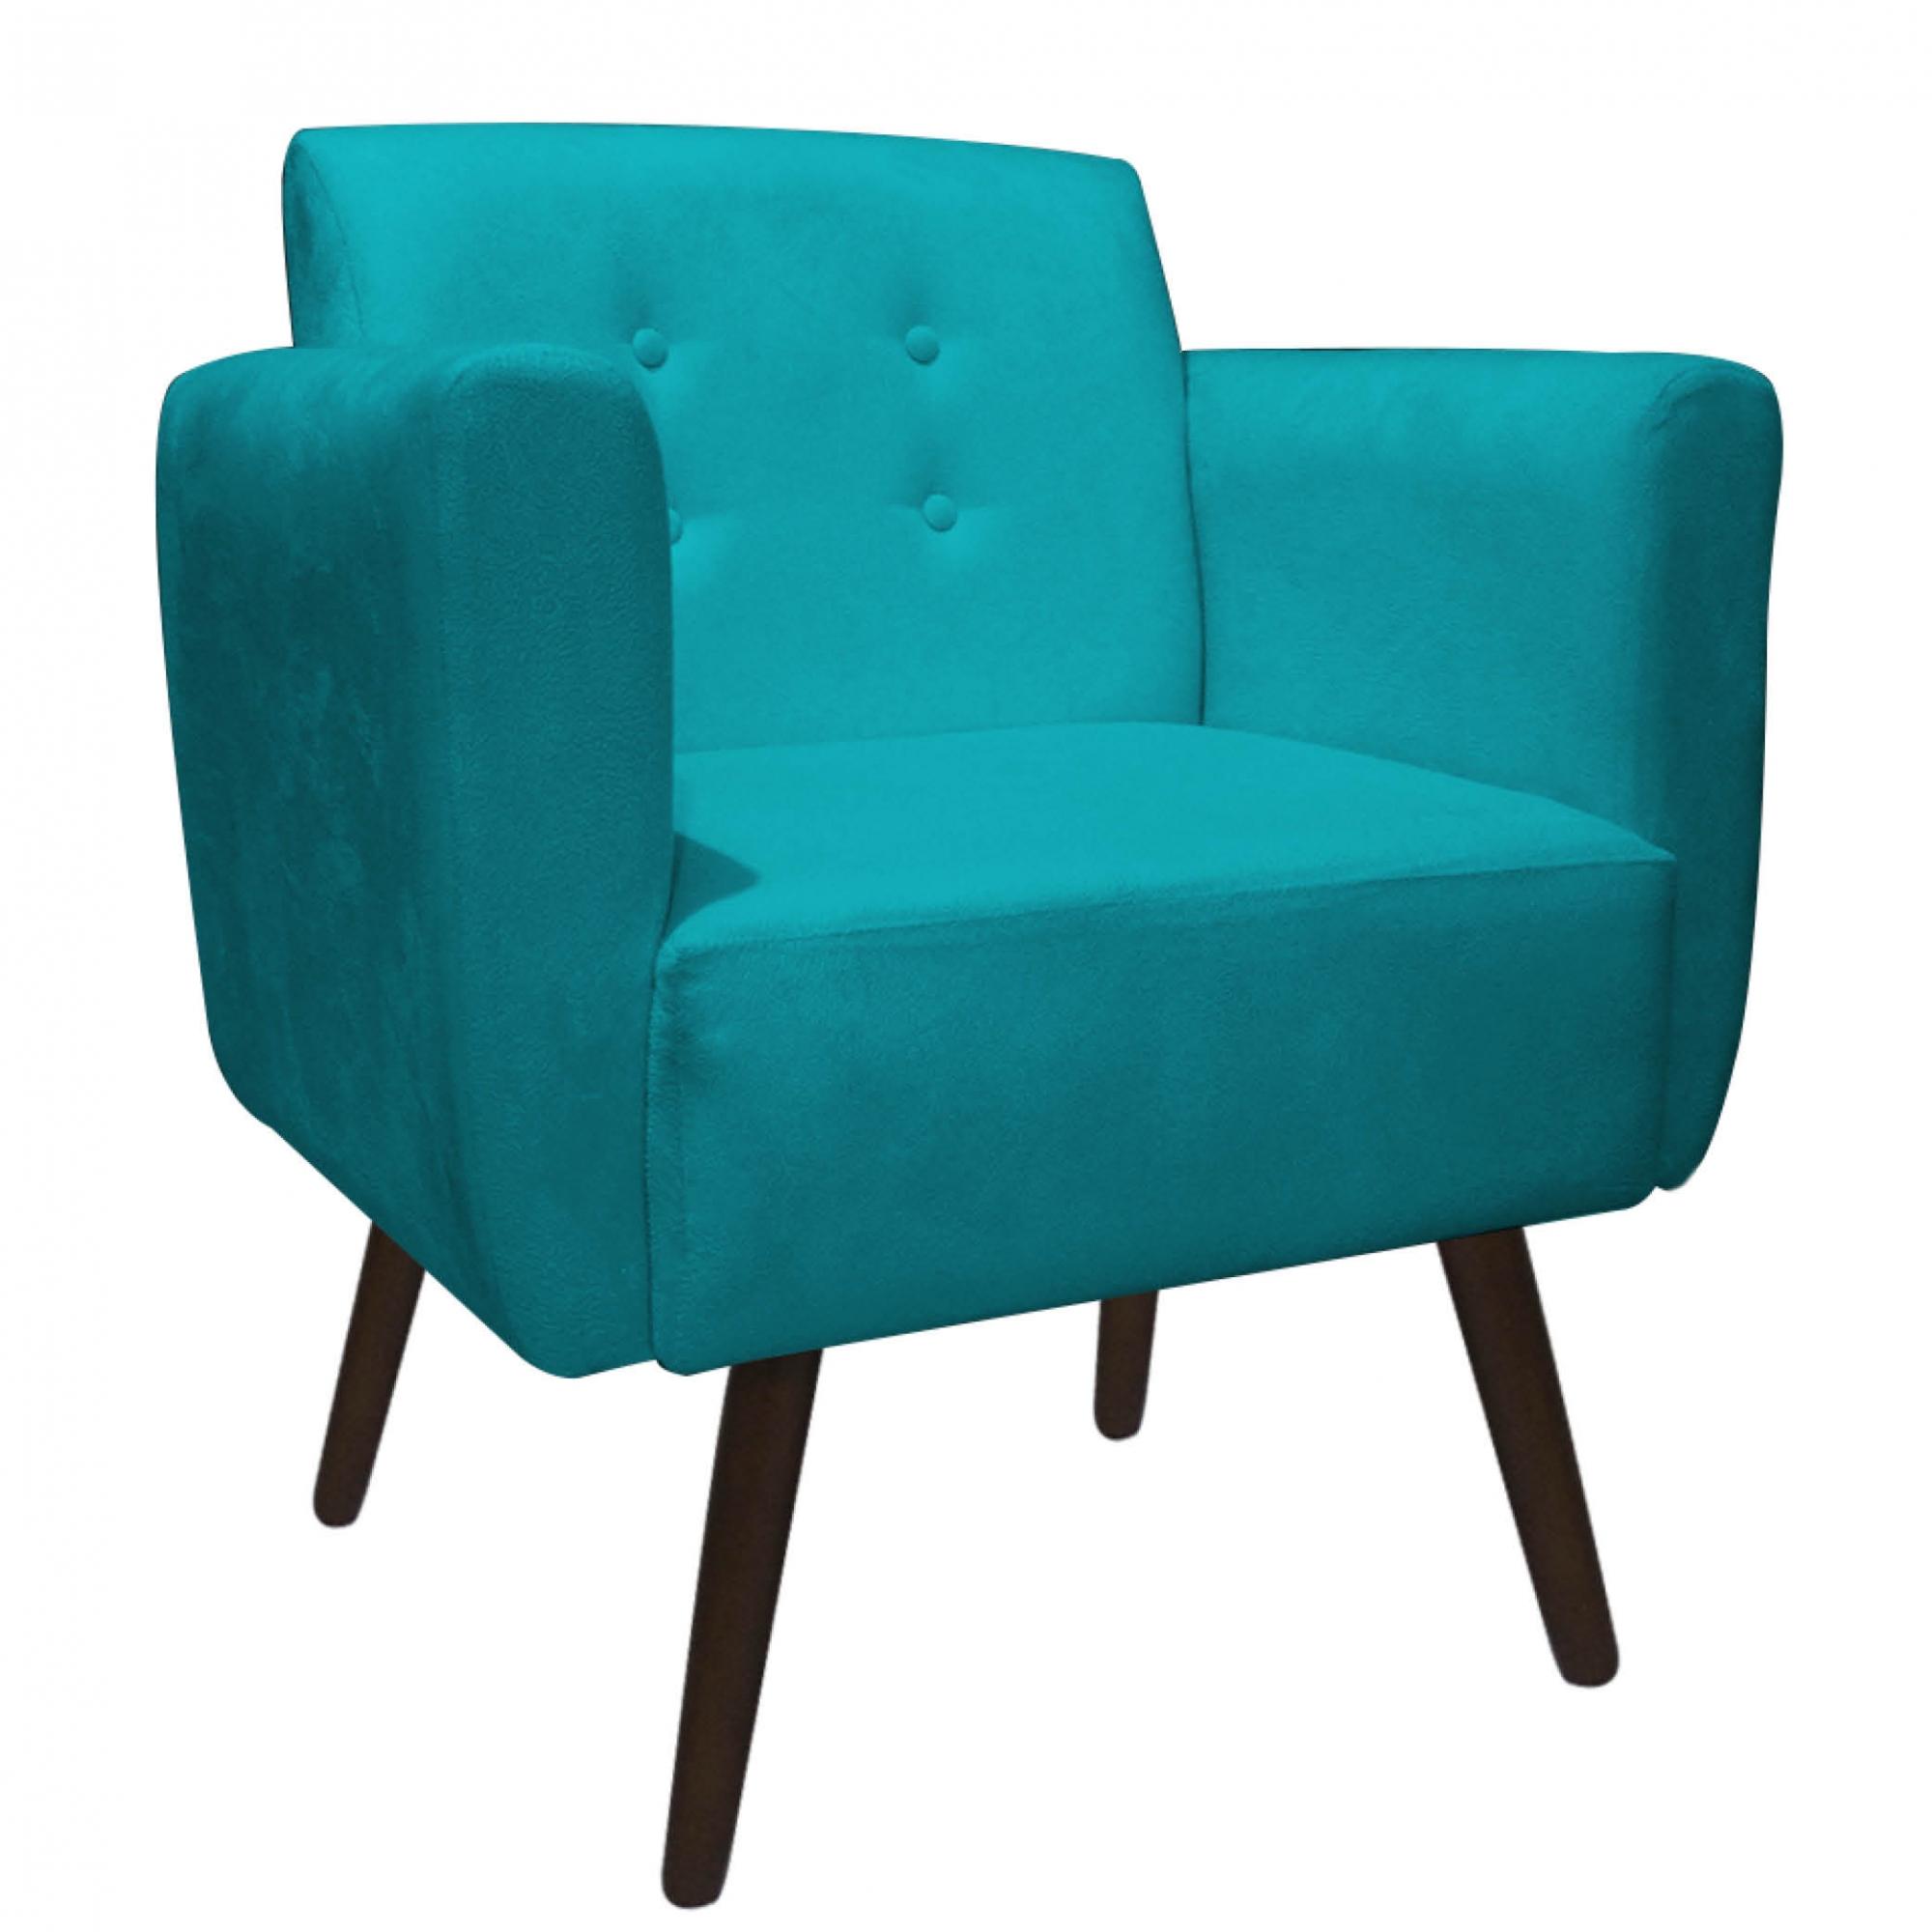 Kit 2 Poltrona Duda Decoraçâo Pé Palito Cadeira Recepção Escritório Clinica D'Classe Decor Suede Azul Tiffany